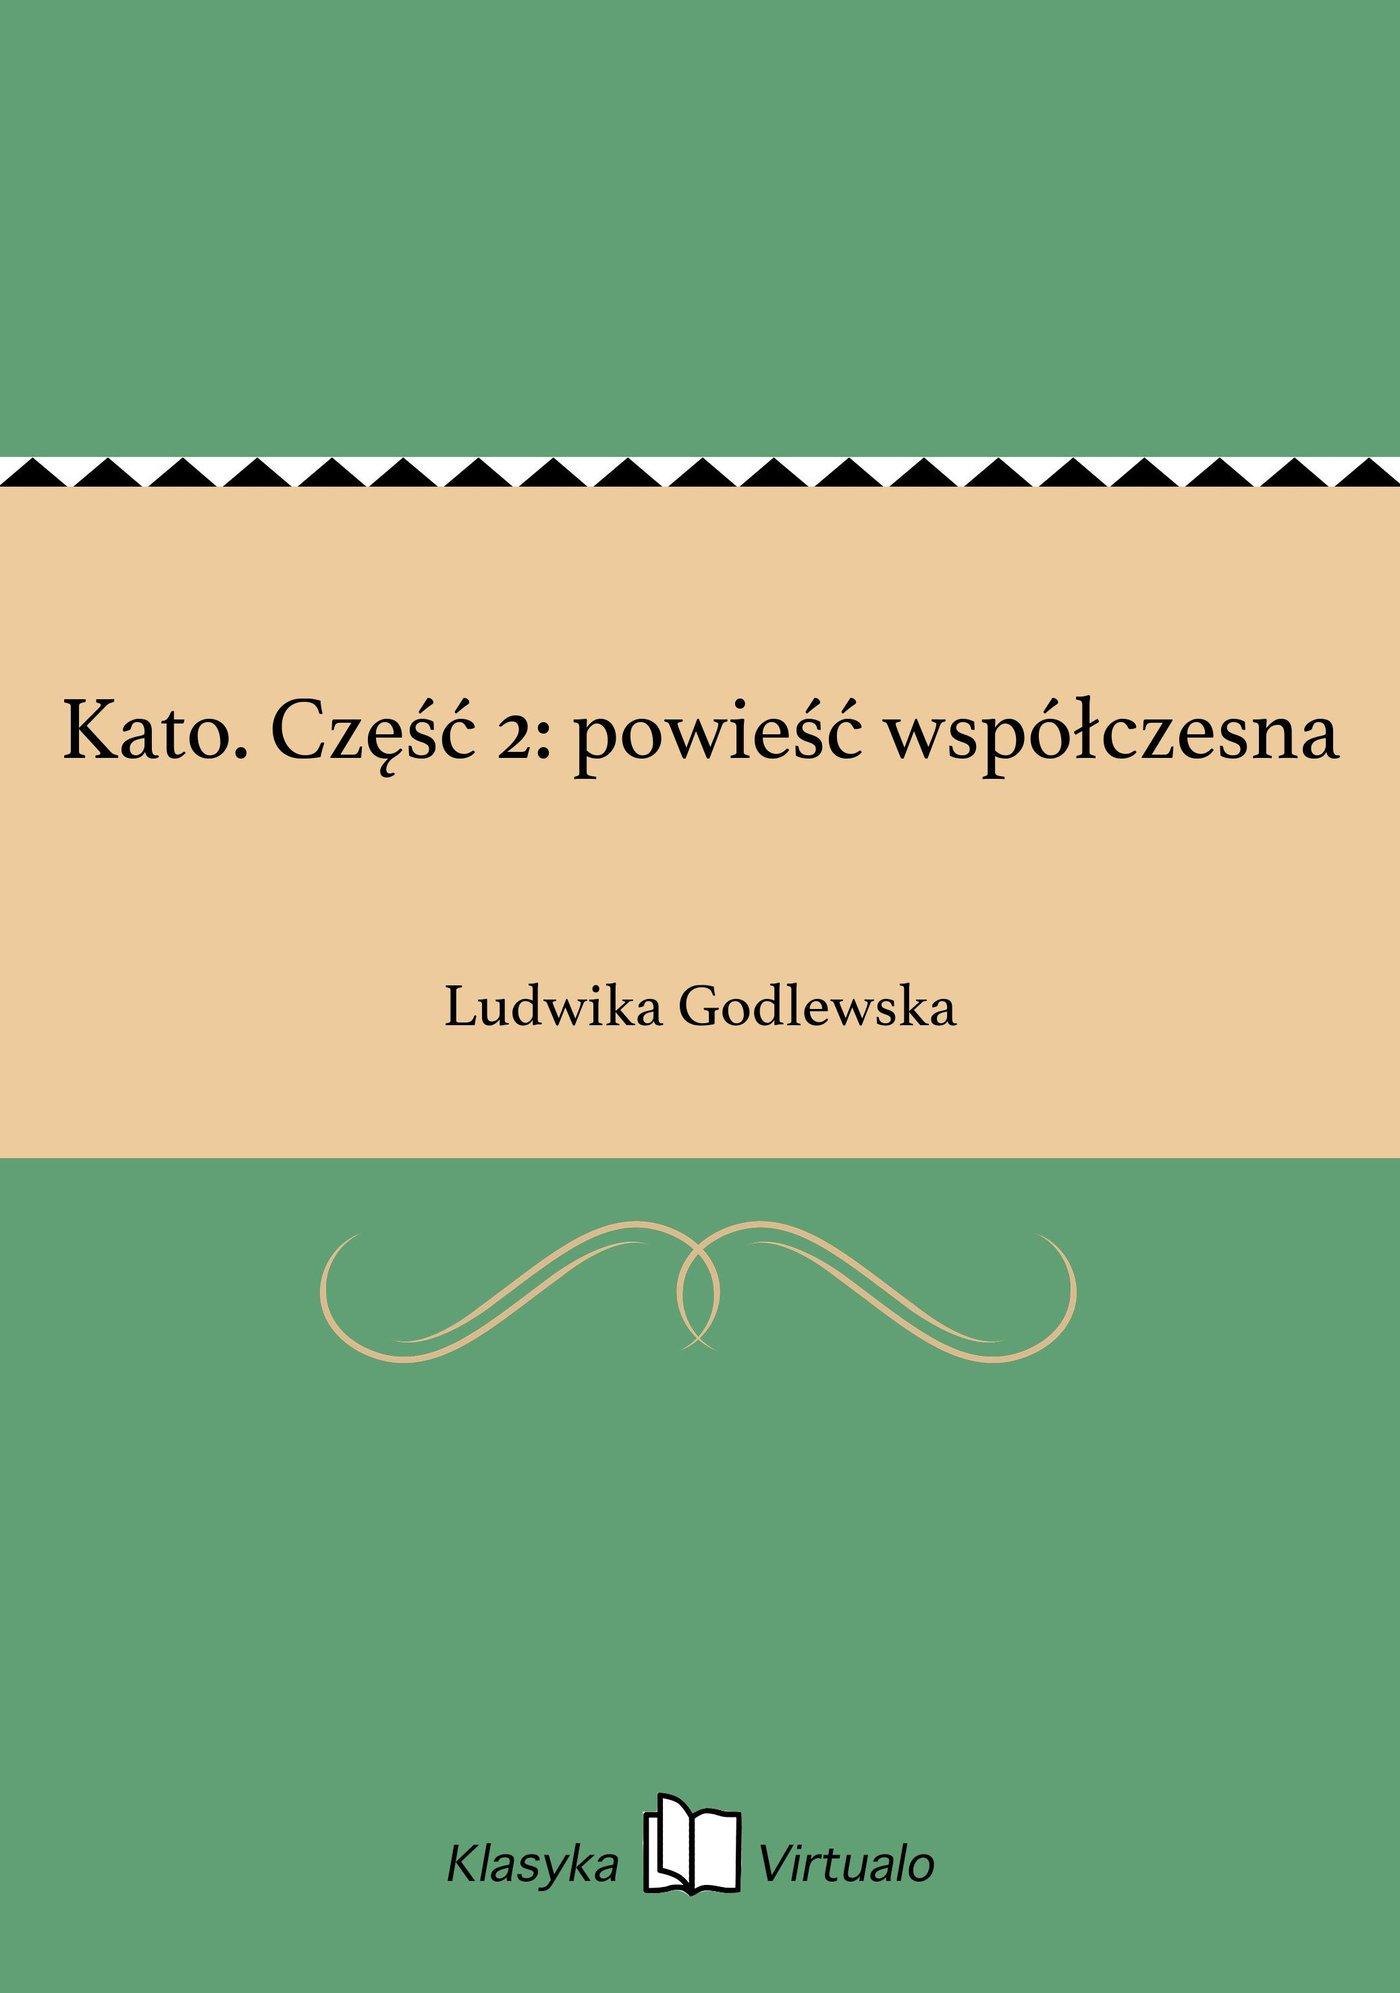 Kato. Część 2: powieść współczesna - Ebook (Książka EPUB) do pobrania w formacie EPUB